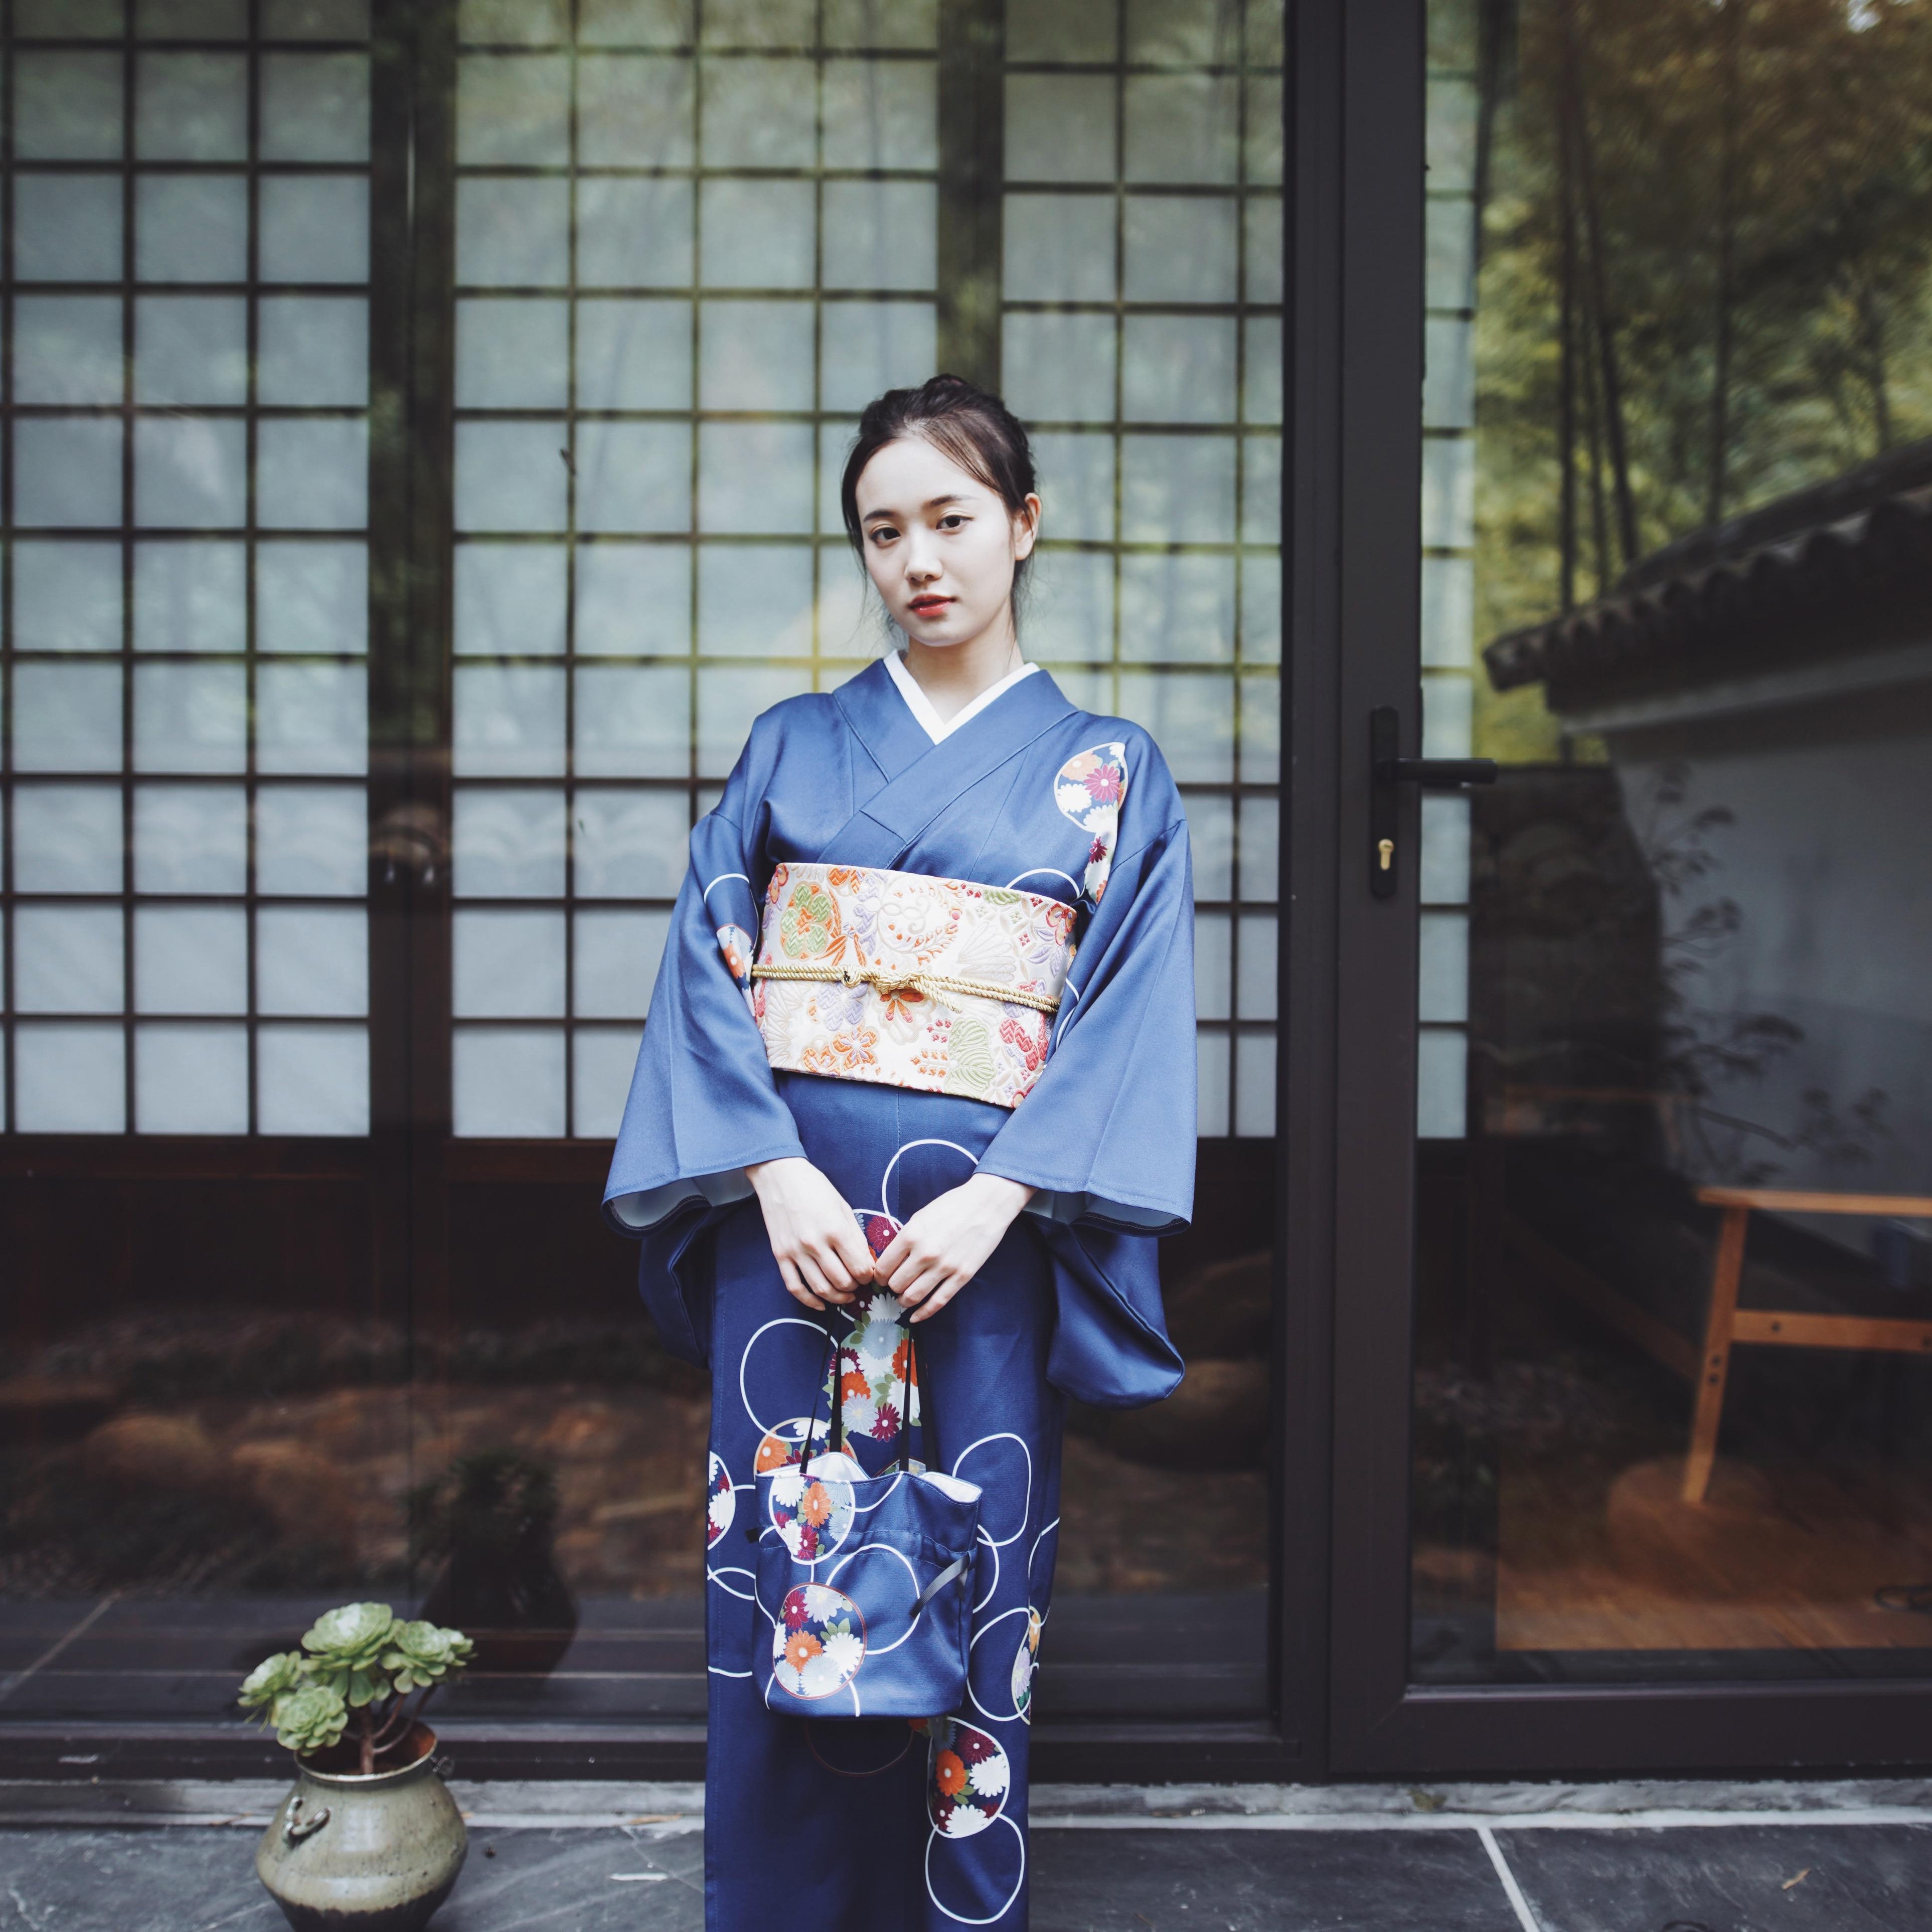 Superbe kimono traditionnel japonais prendre photo robe cosplay femme yukata femmes haori japon costume de geisha obi kimonos